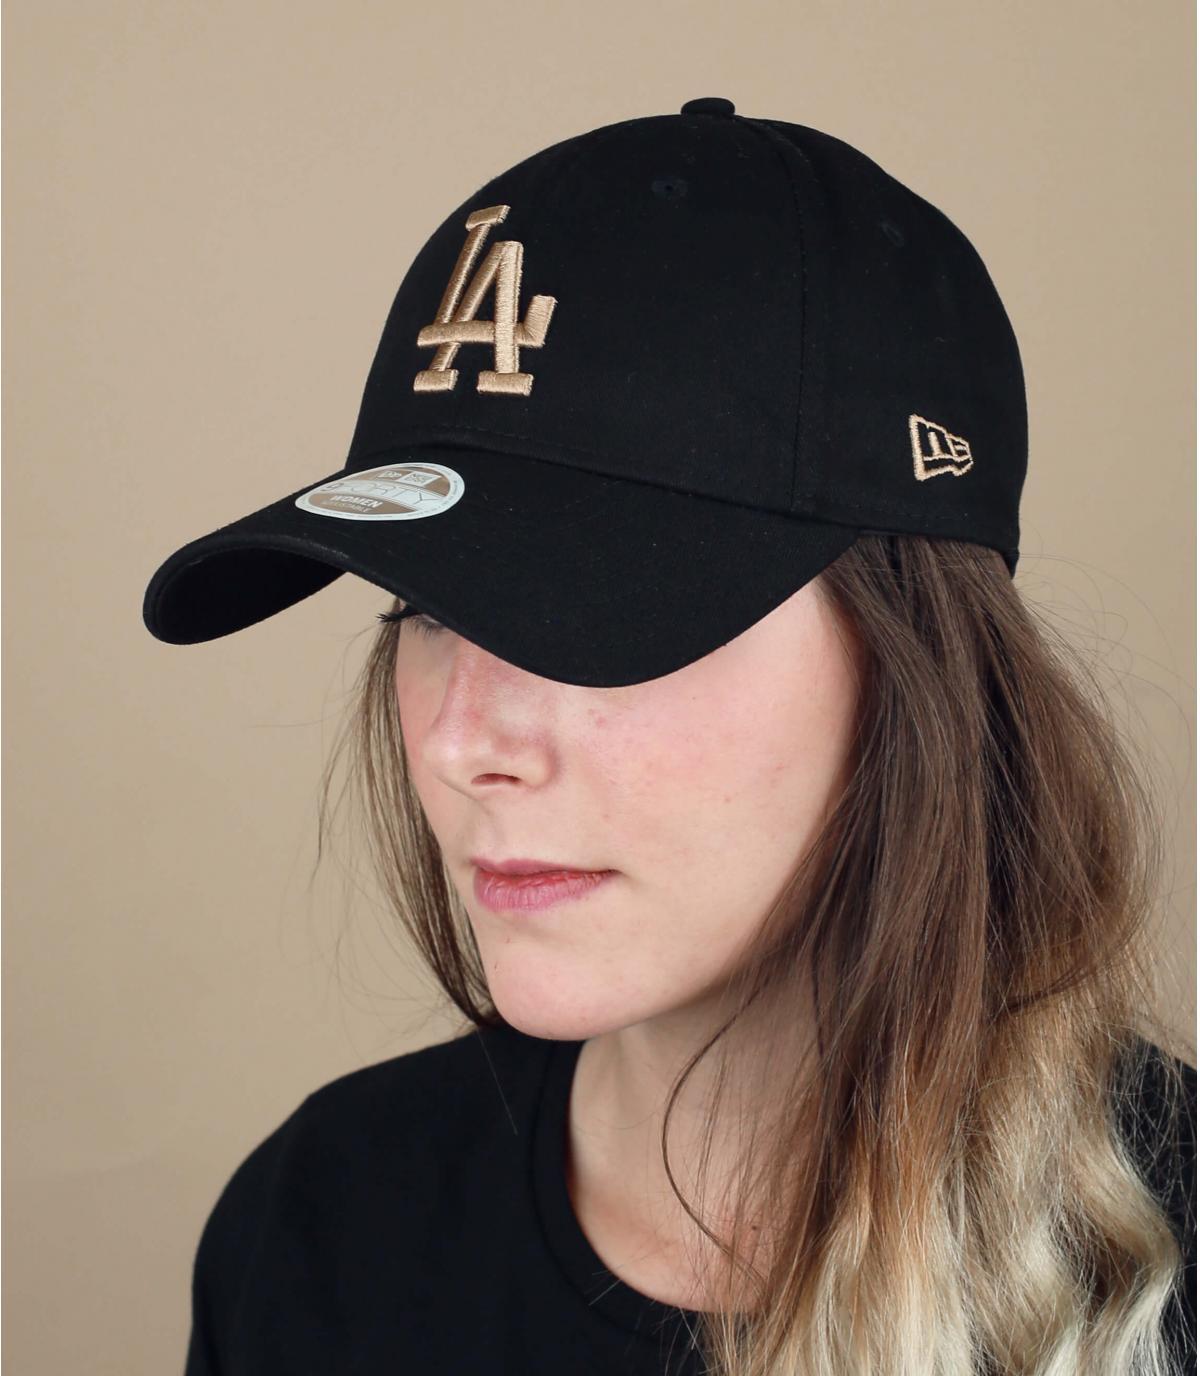 Damen Cap LA schwarz